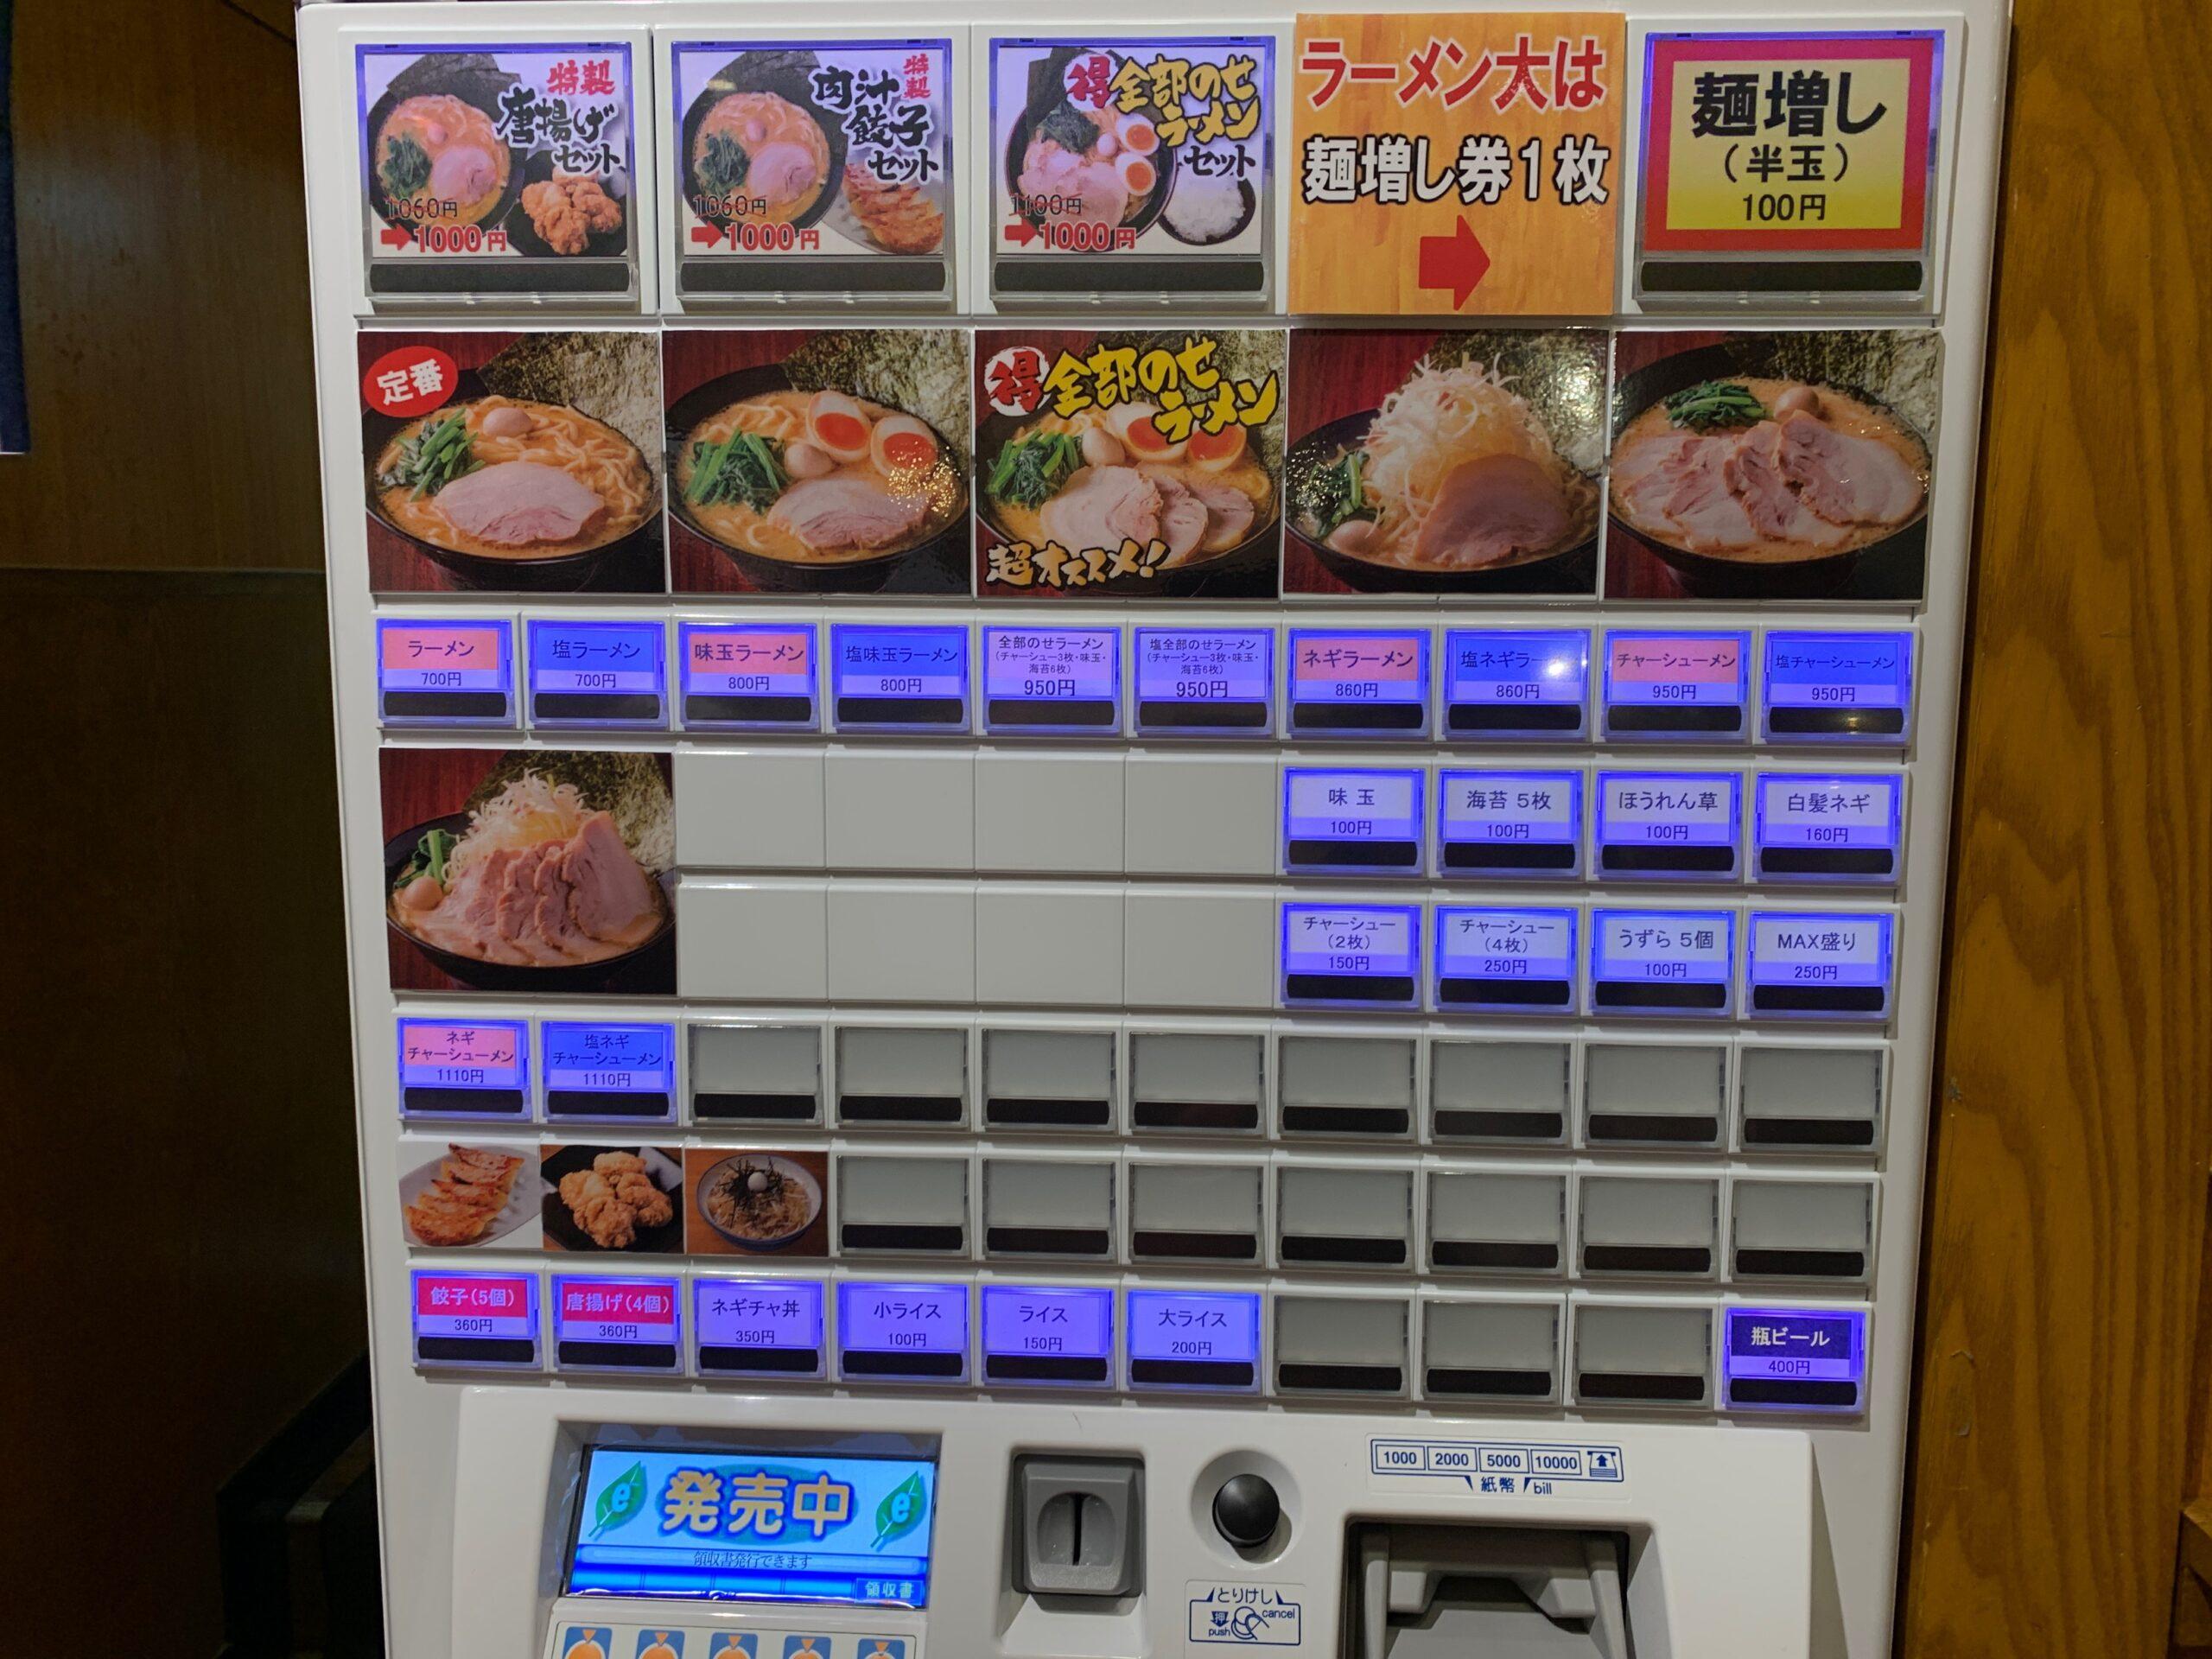 横浜家系ラーメン角蔵家のお品書き